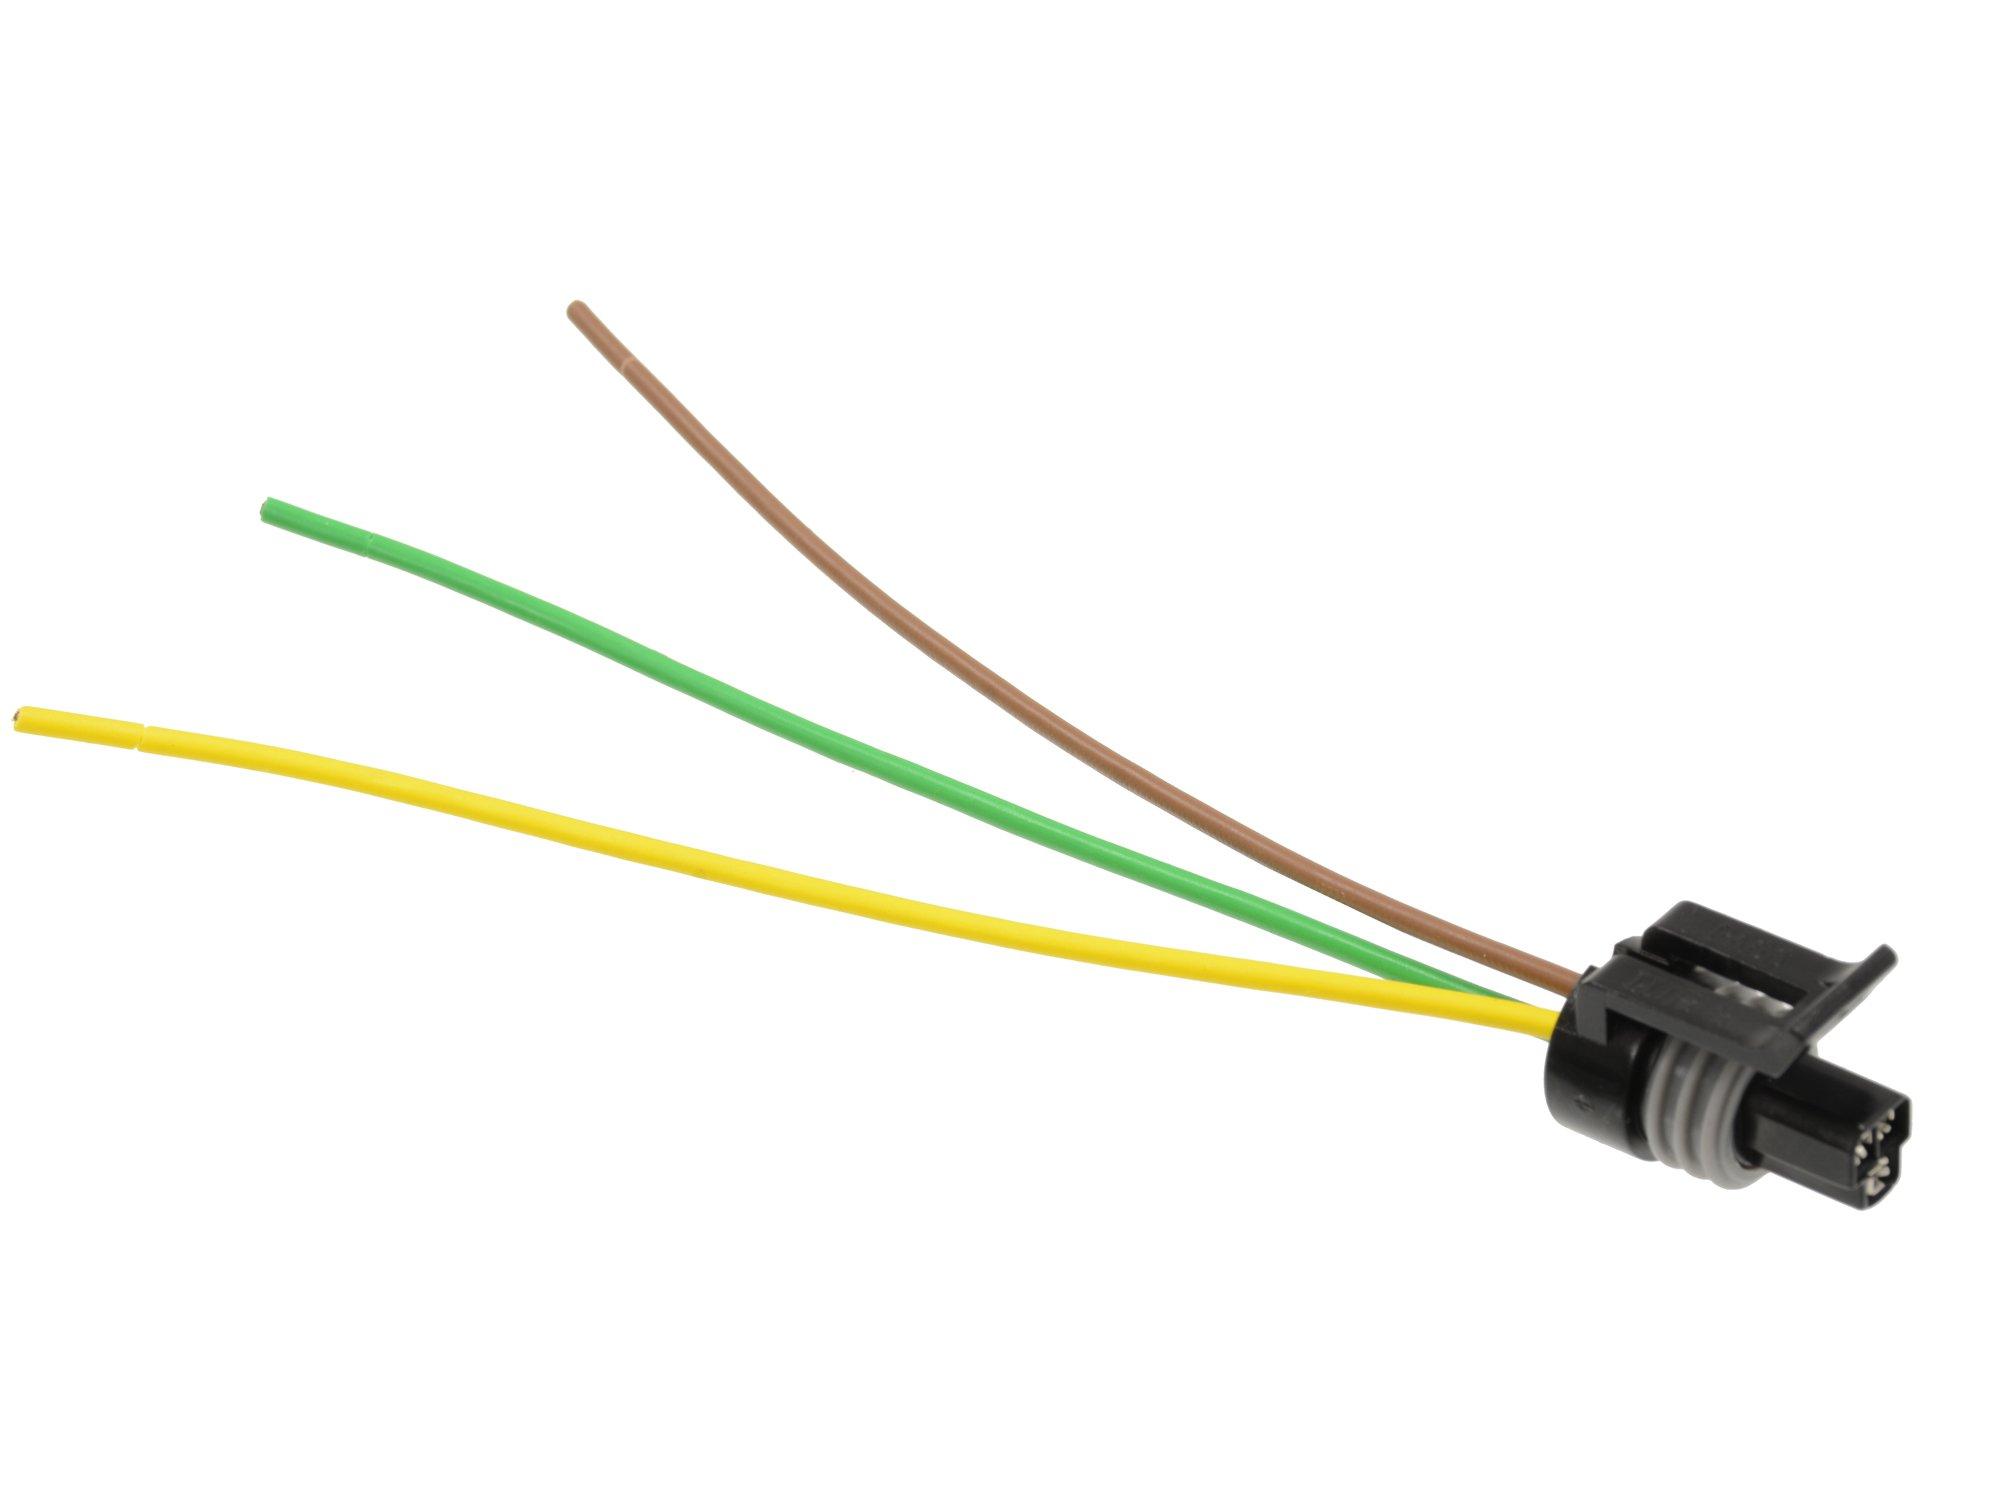 Michigan Motorsports LS1 Coolant Temperature Temp Sensor Connector Harness 3 Wire Fits GM